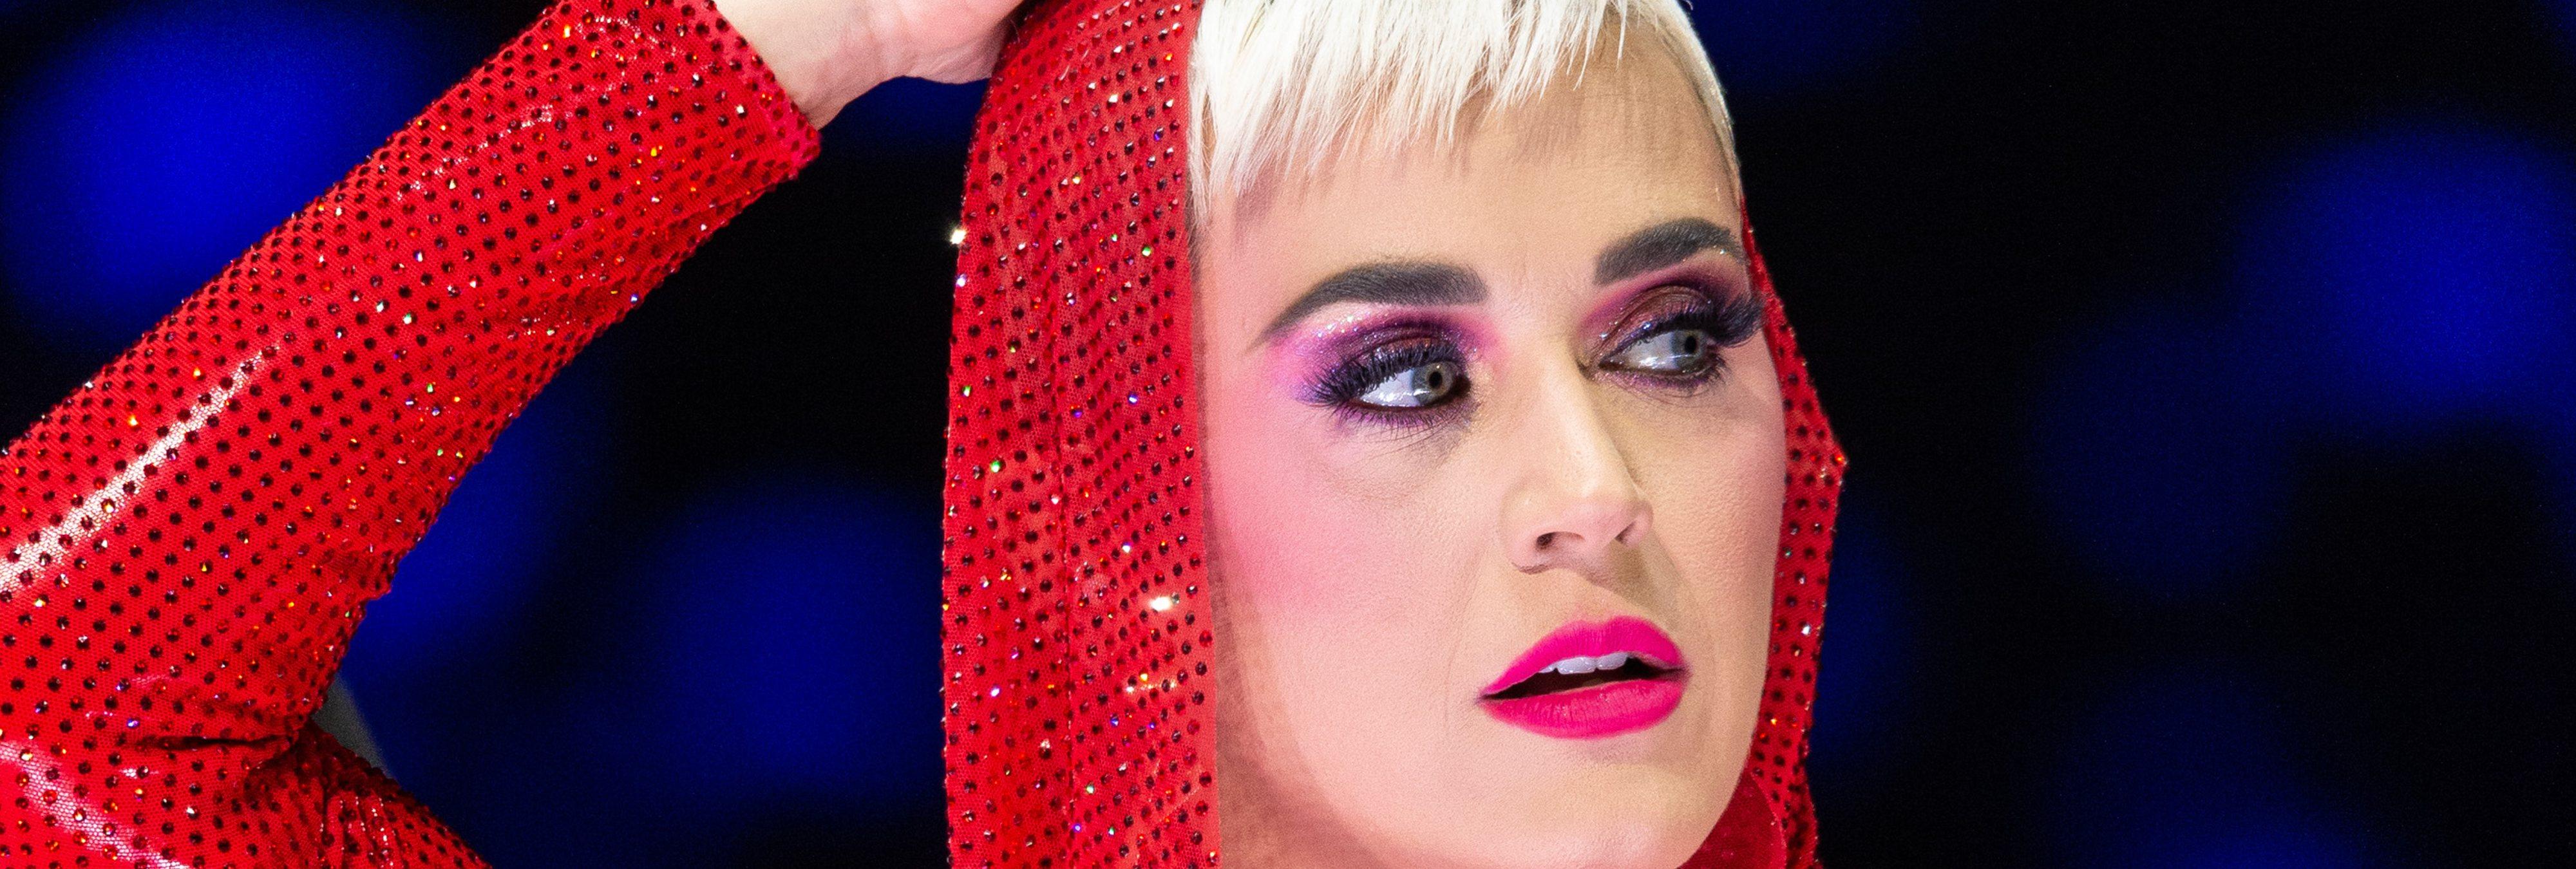 Los zapatos diseñados por Katy Perry han sido retirados al considerarse racistas